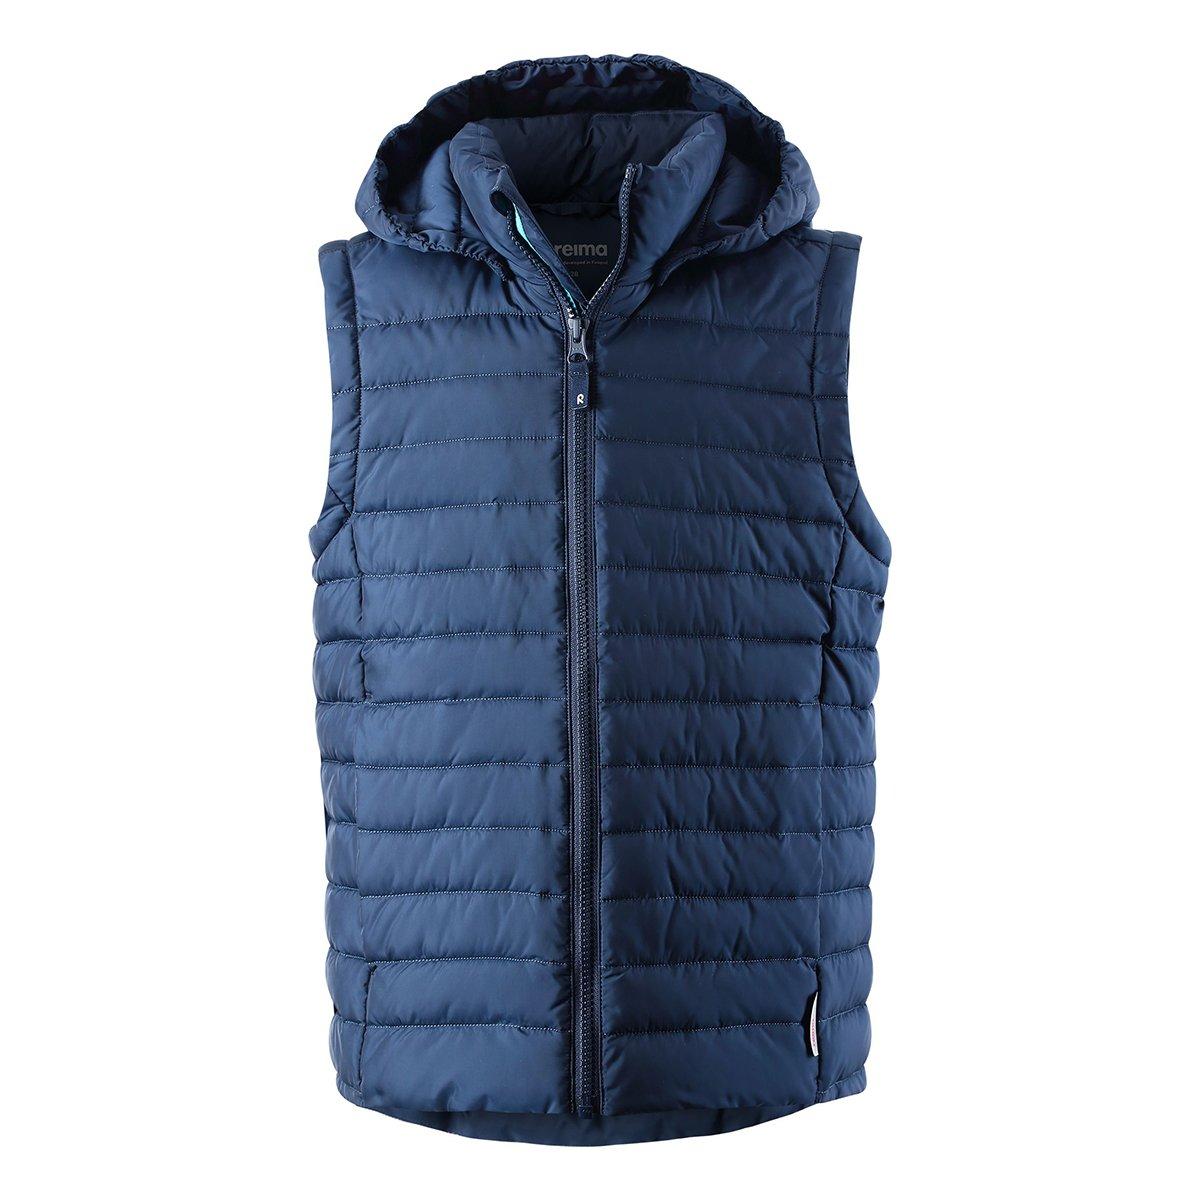 Купить Верхняя одежда, Куртка Reima Blue, р. 152 531441-6980 ТМ: REIMA, синий